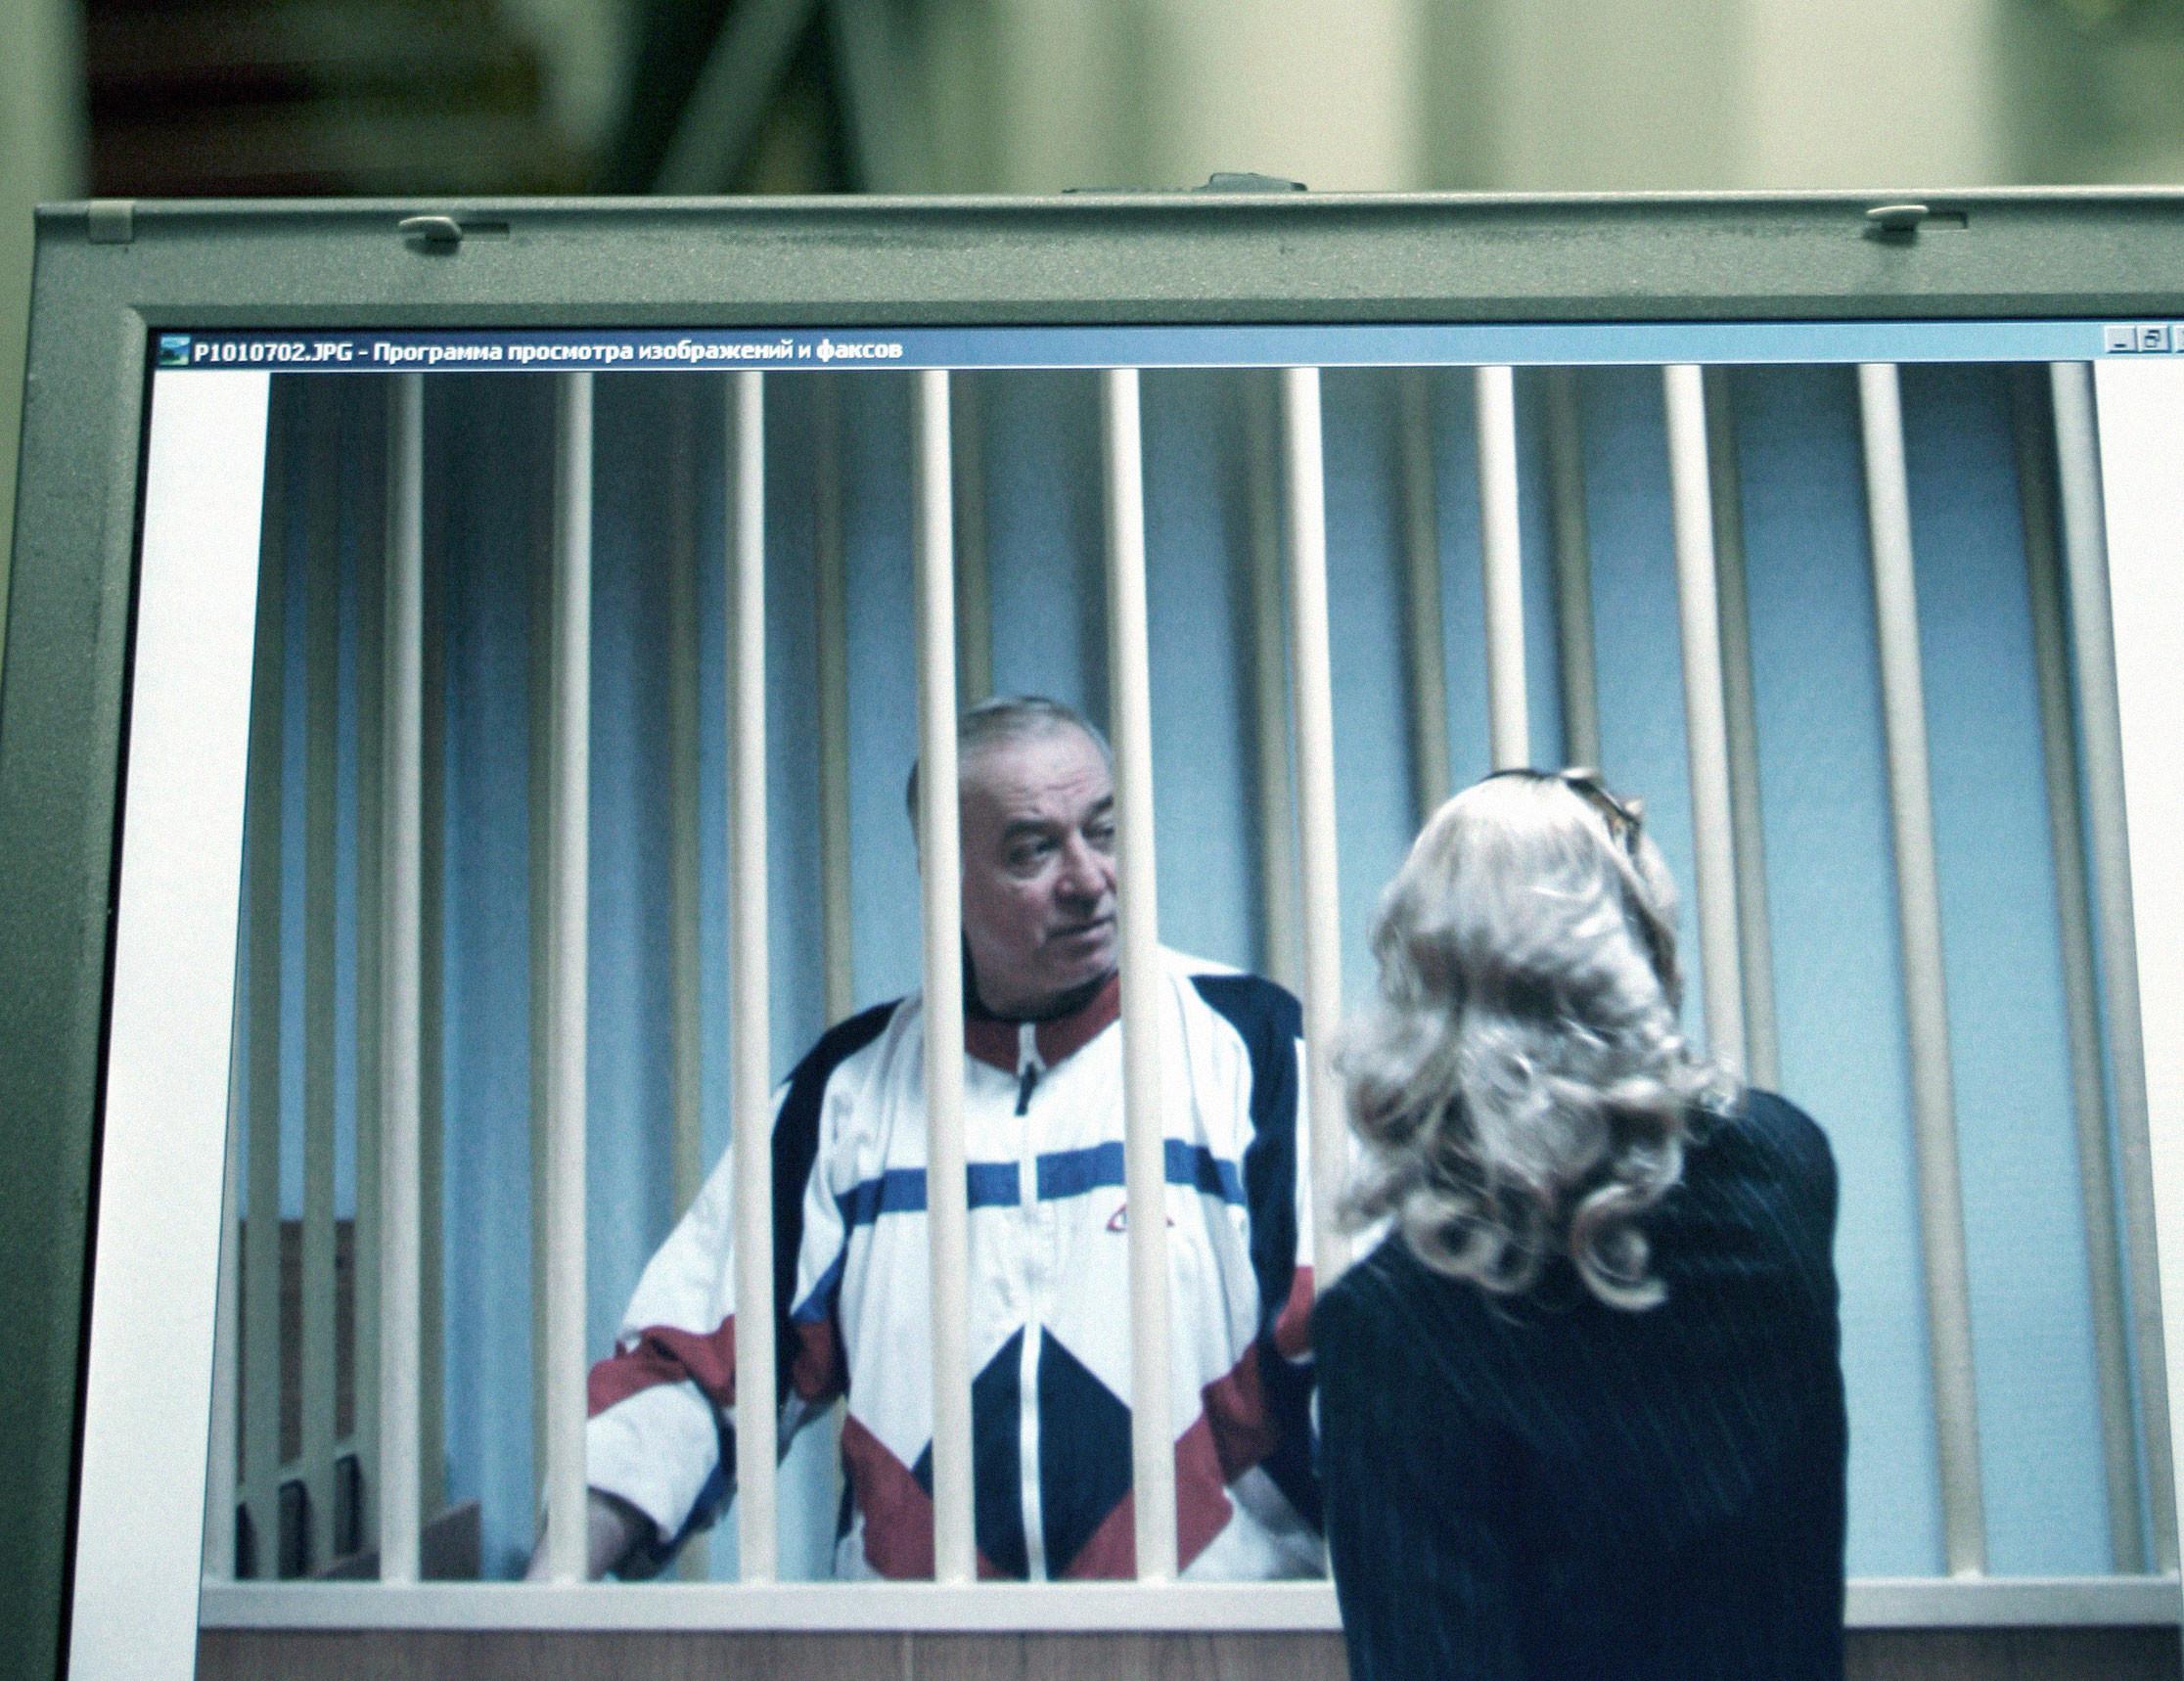 Сергей Скрипаль в зале суда. Фото © AP Photo/Misha Japaridze